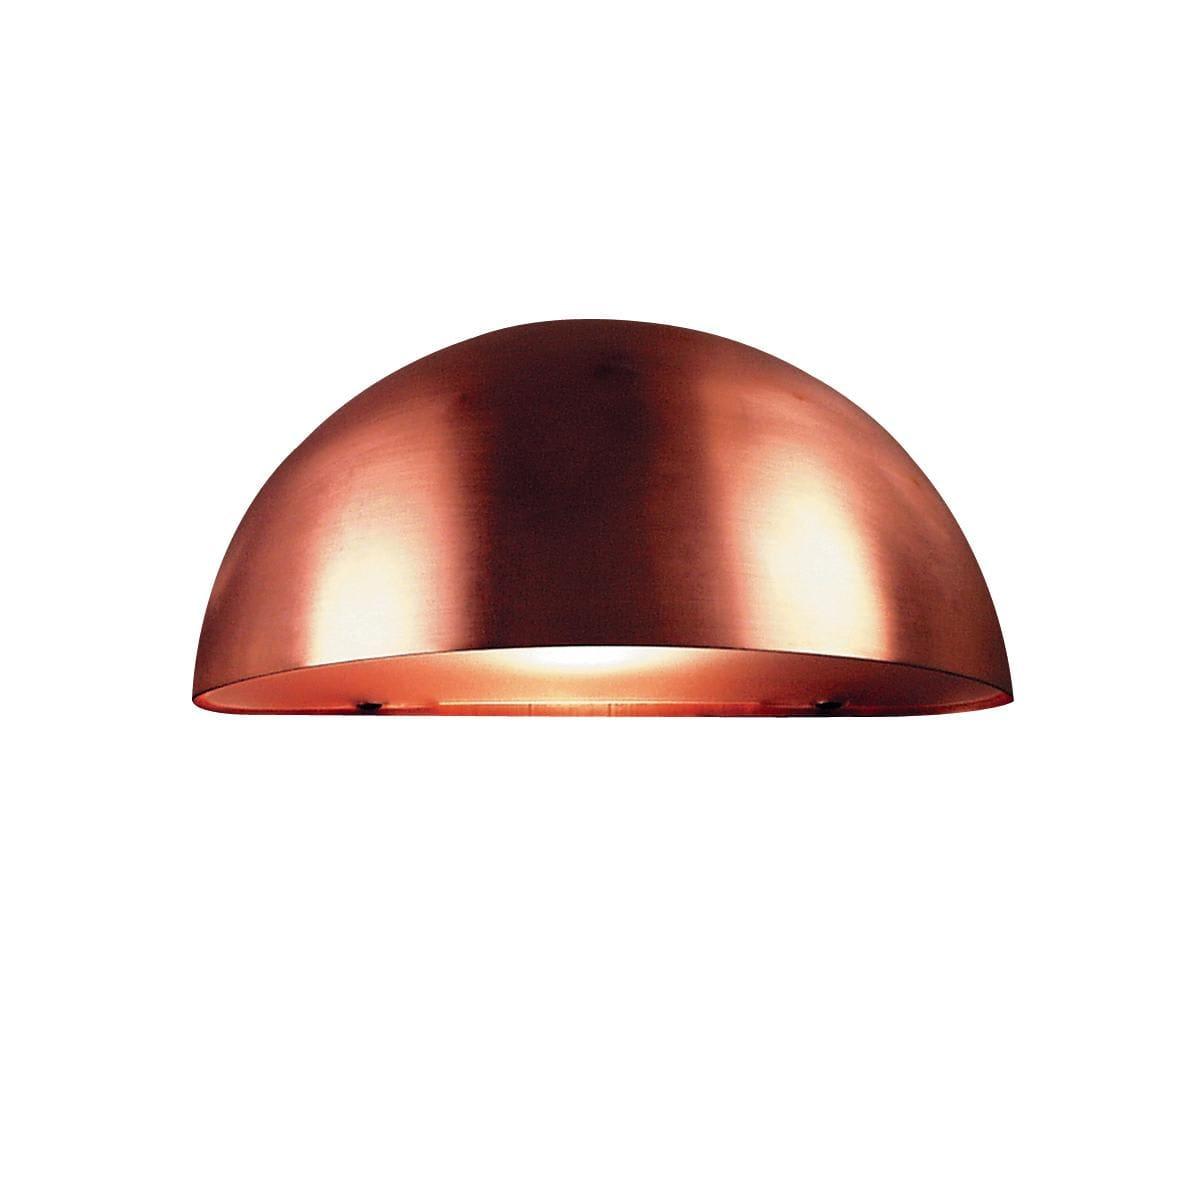 Super Køb Nordlux Scorpius Udendørs væglampe, Kobber 21651030 HZ27